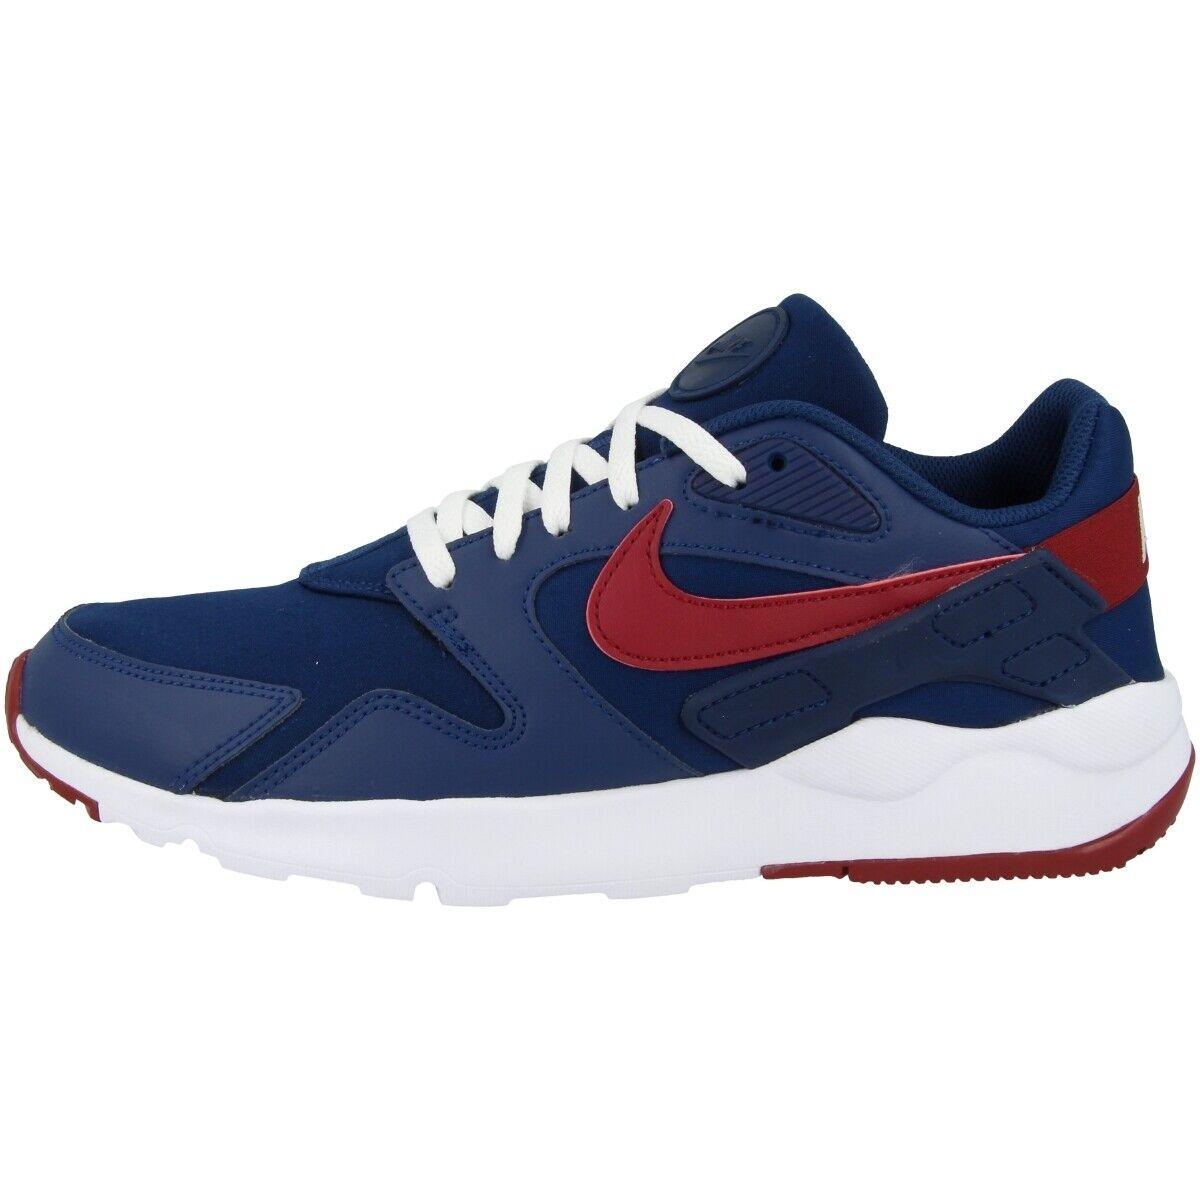 Nike LD Victory Men Schuhe Freizeit Turnschuhe Herren Turnschuhe Blau AT4249-400